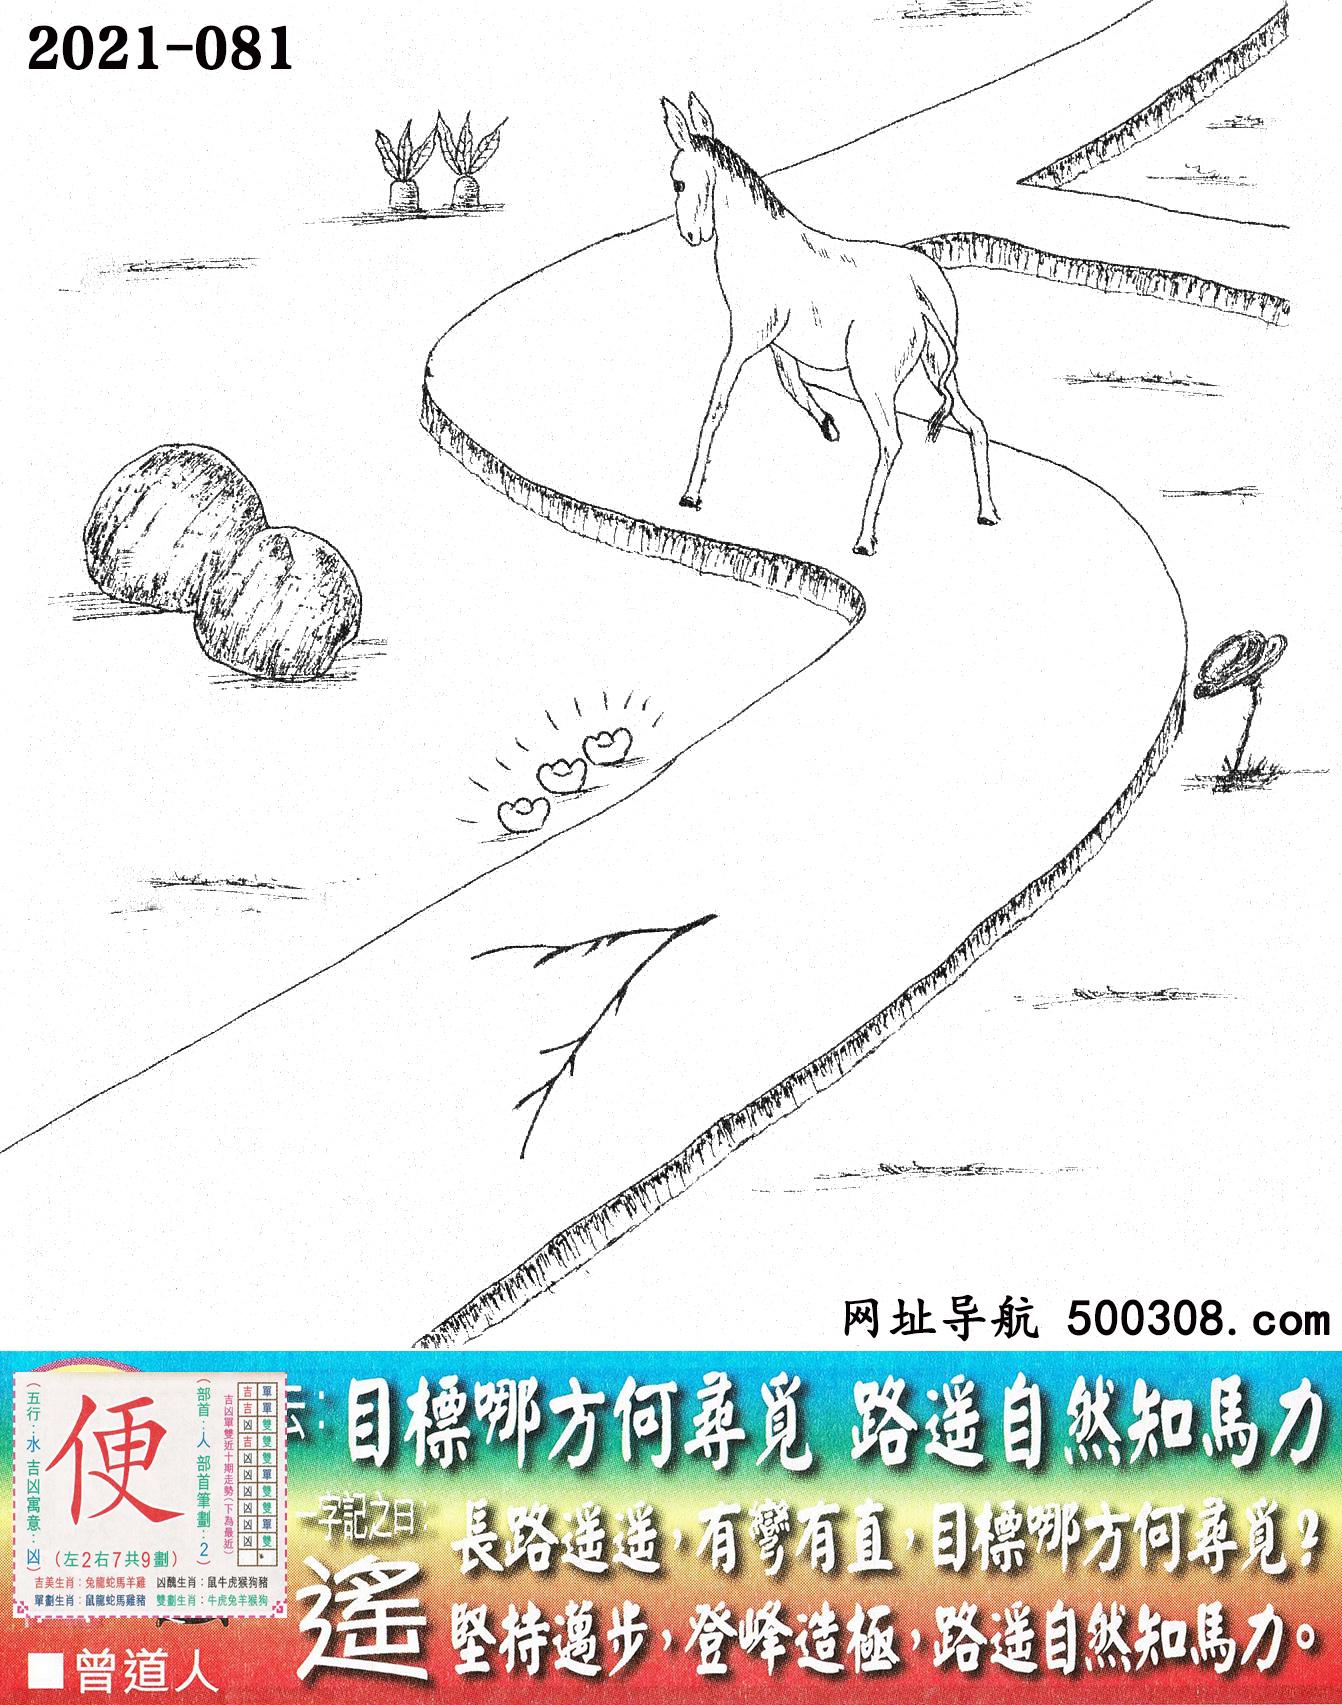 081期老版跑狗一字�之曰:【�b】_��:目�四姆胶�ひ�,路遥自然知�R力。